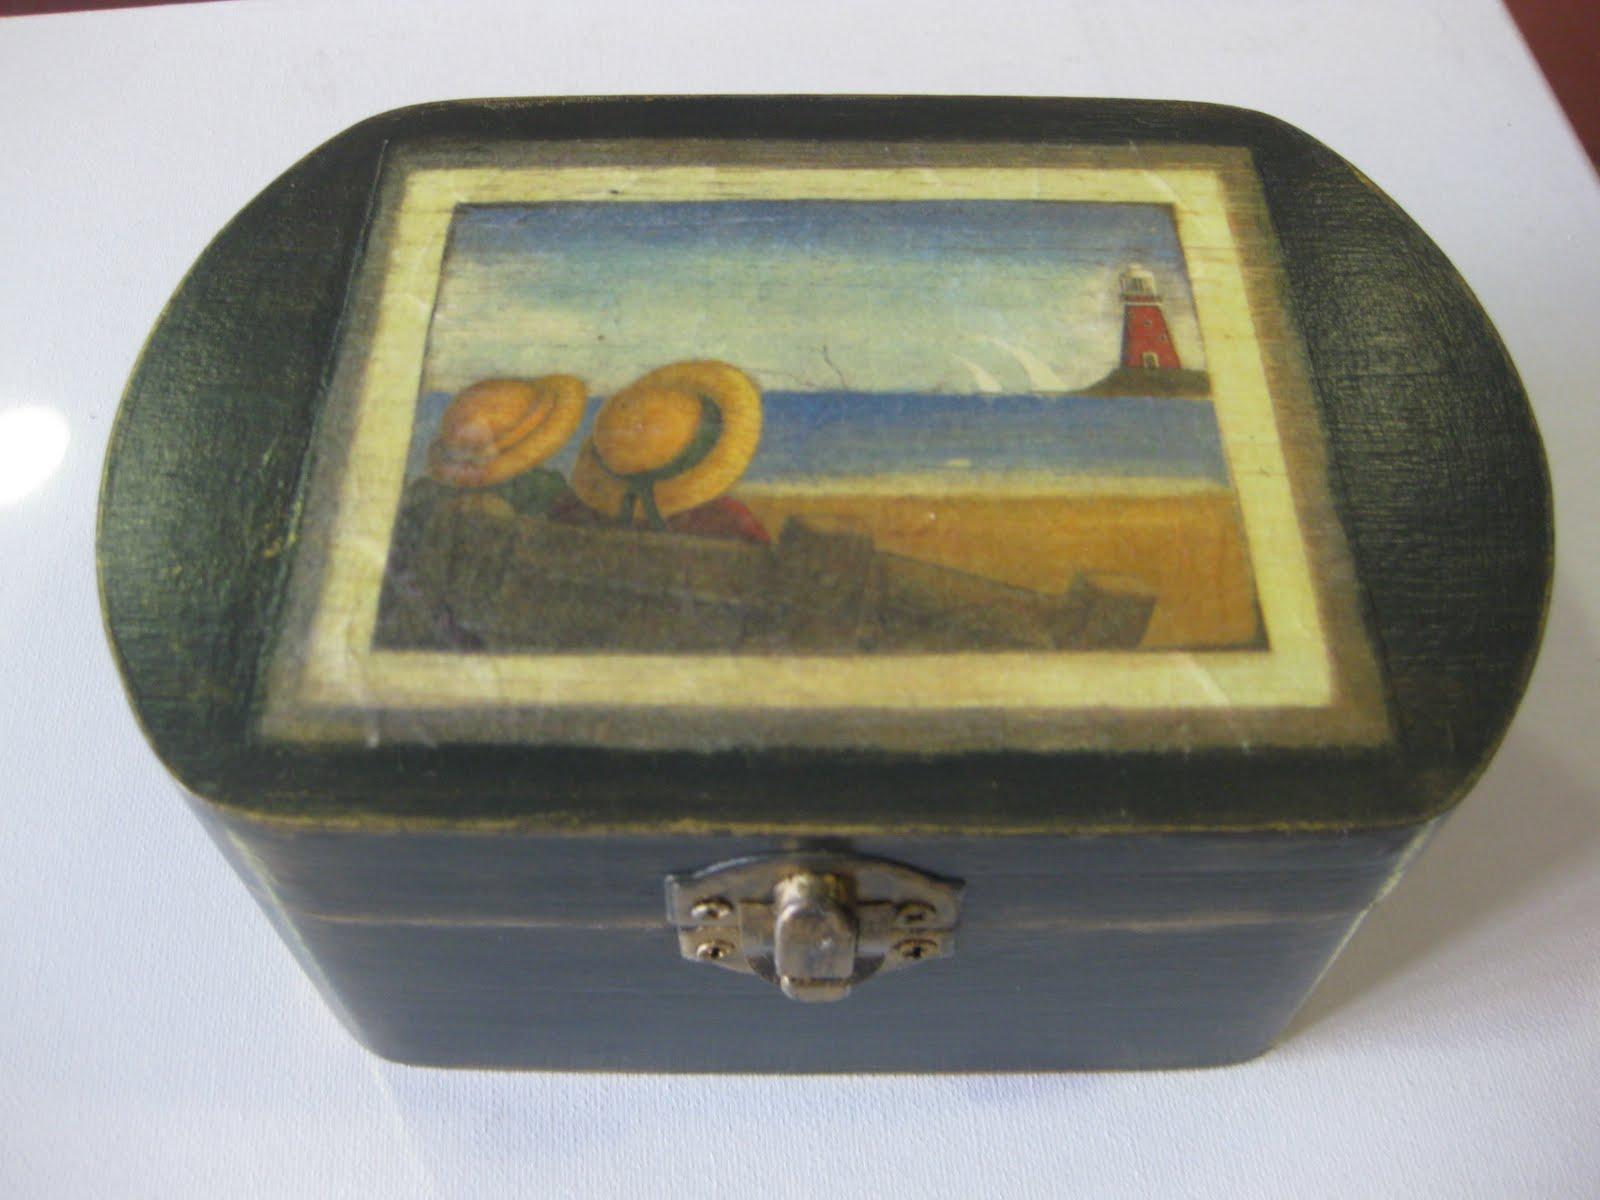 Arte y manualidades tellez caja de madera - Cajas de madera manualidades ...